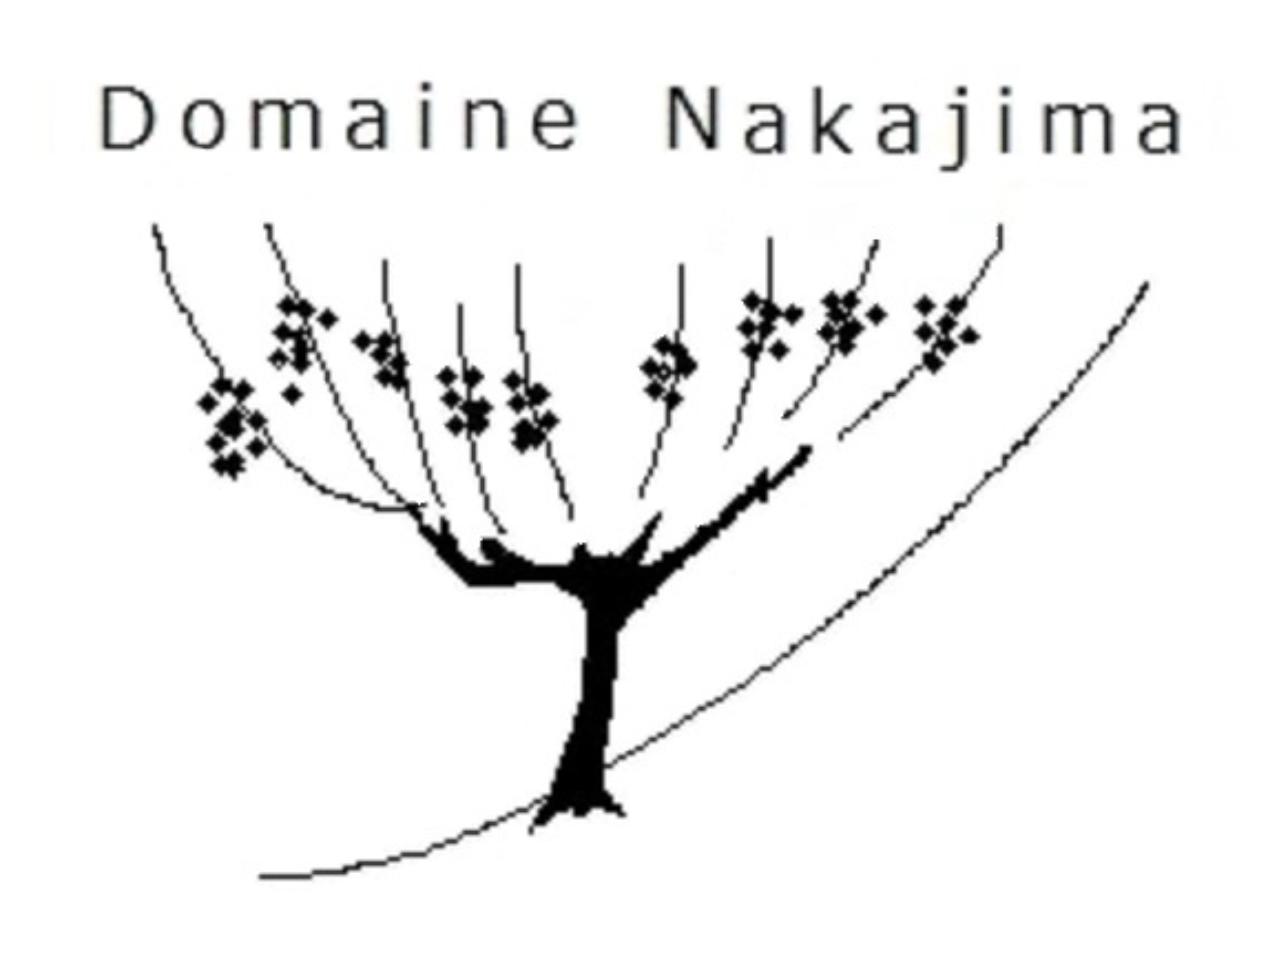 ドメーヌ・ナカジマ